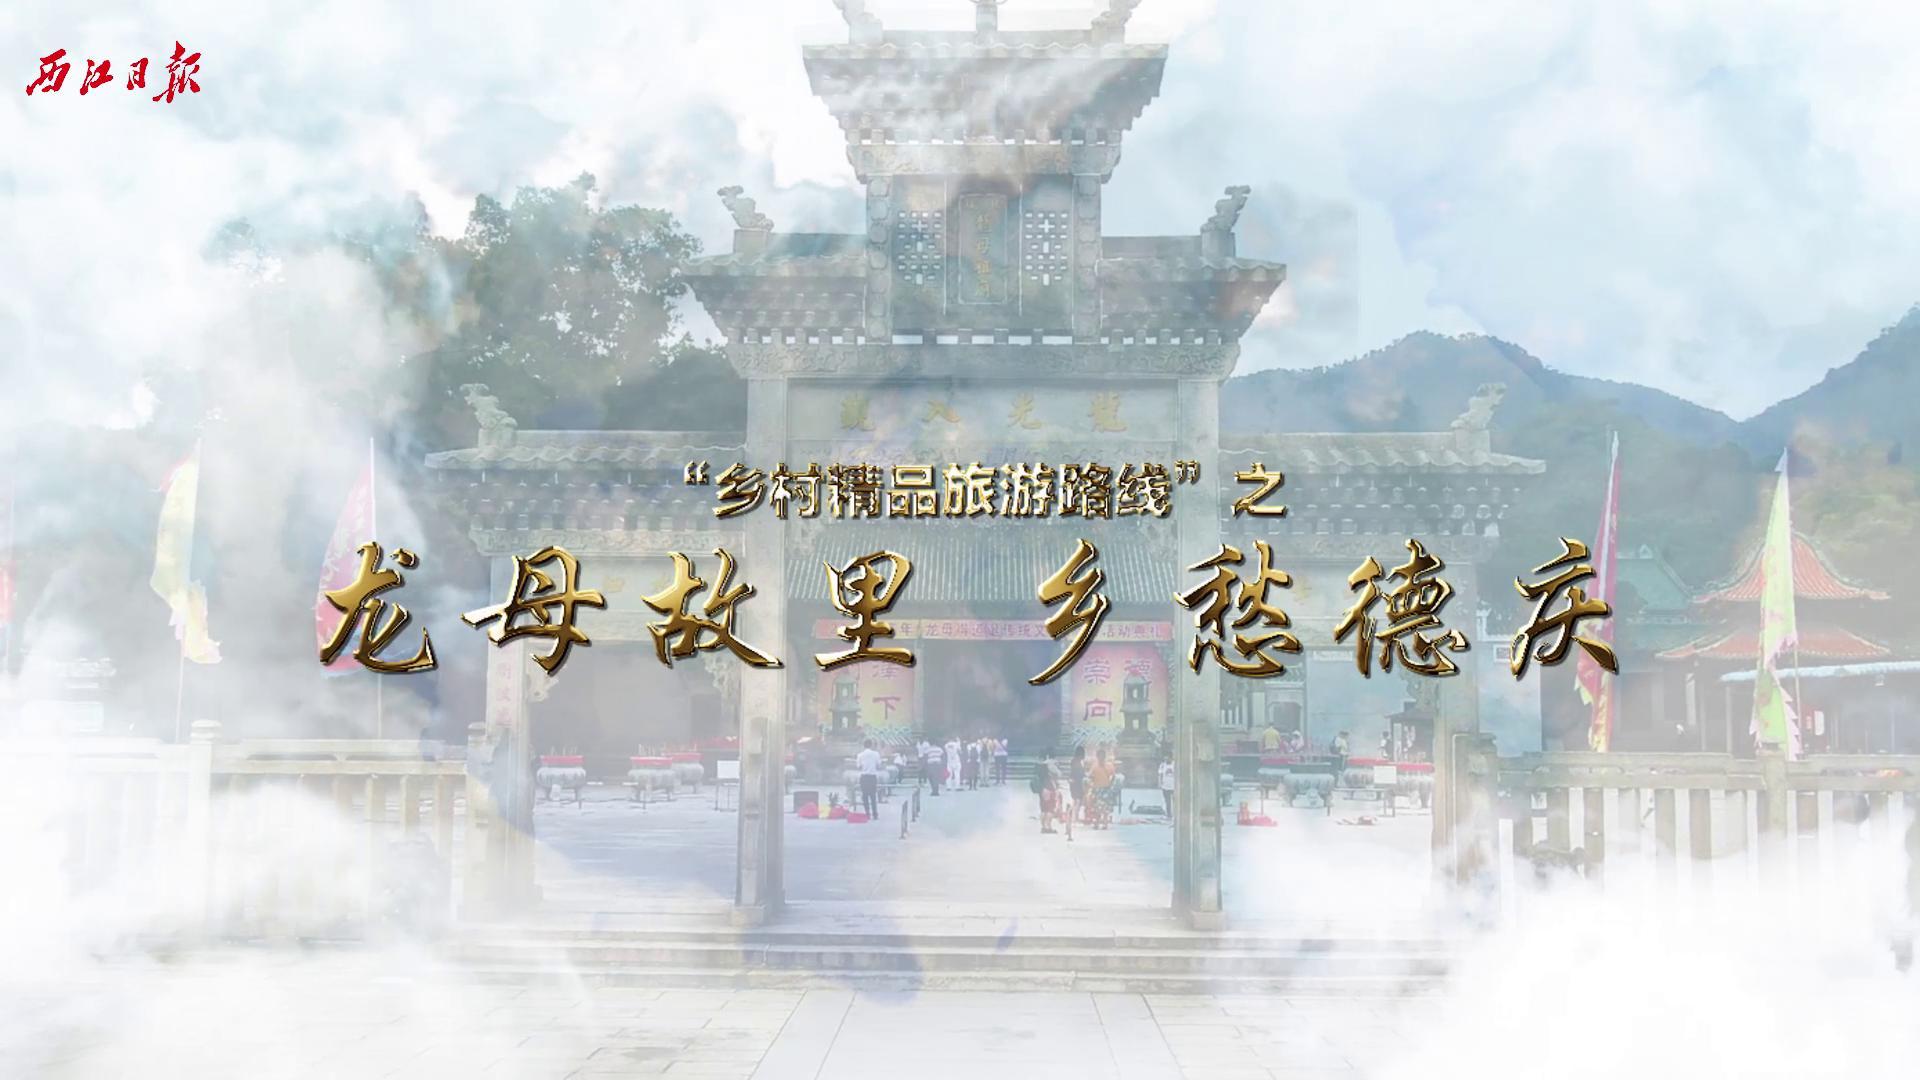 【飛閱·德慶】龍母故鄉 鄉愁德慶